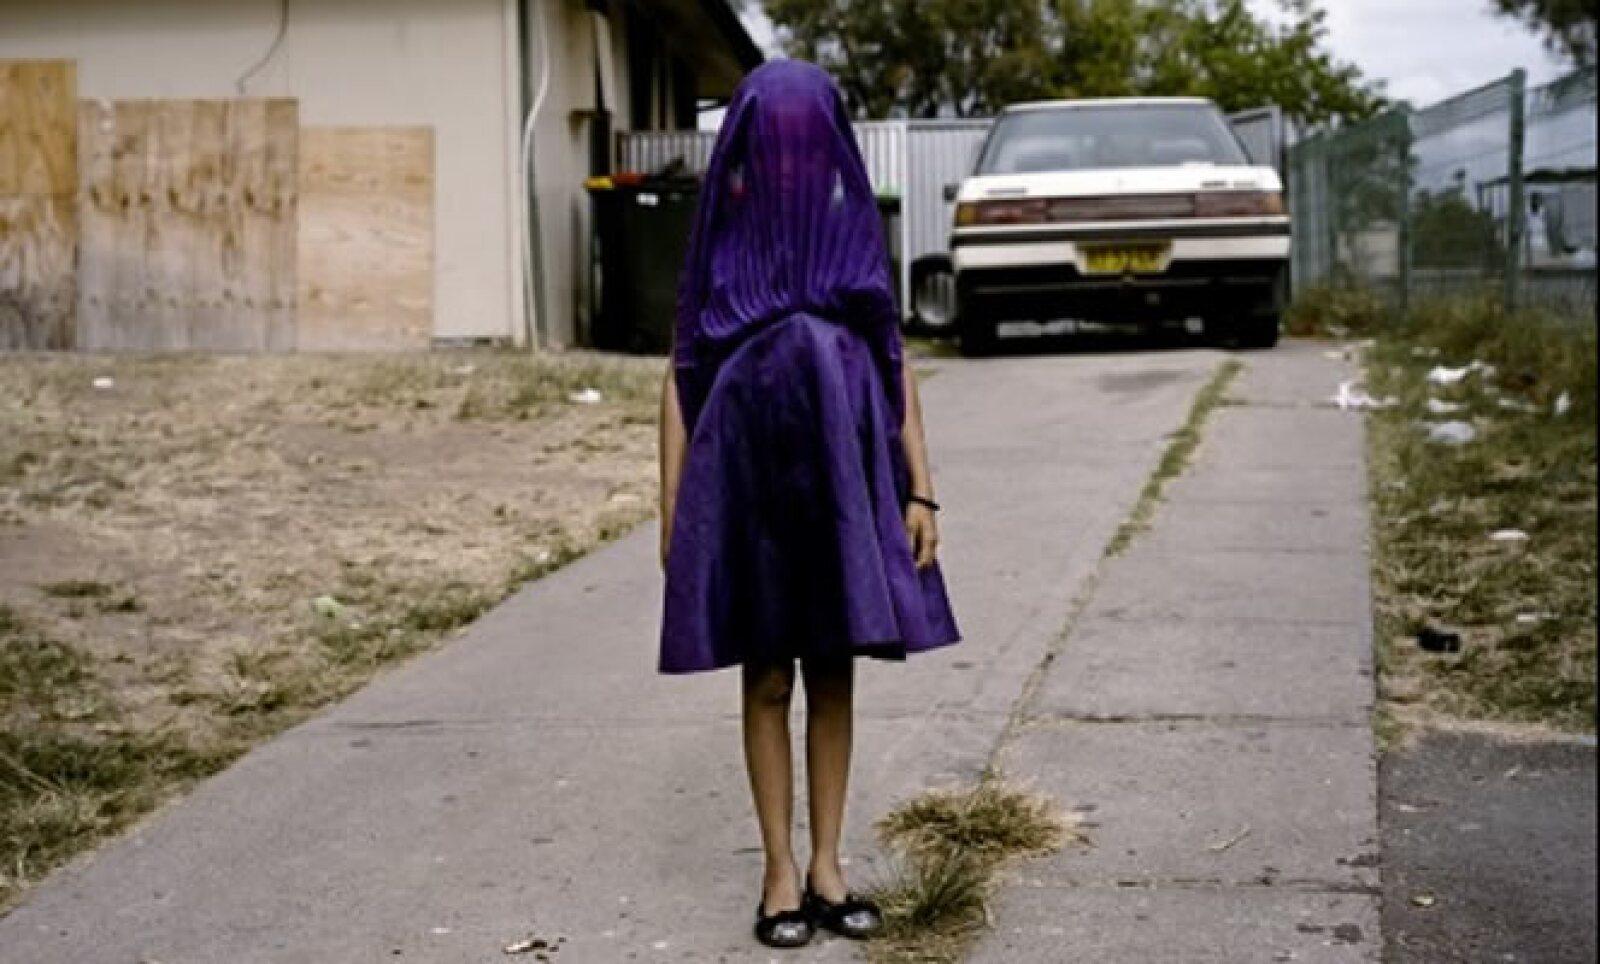 Una mujer de una comunidad pobre y desfavorecida de Australia espera el autobús que la llevará a una escuela dominical. Autora: Raphaela Rosella. Categoría: Retratos.